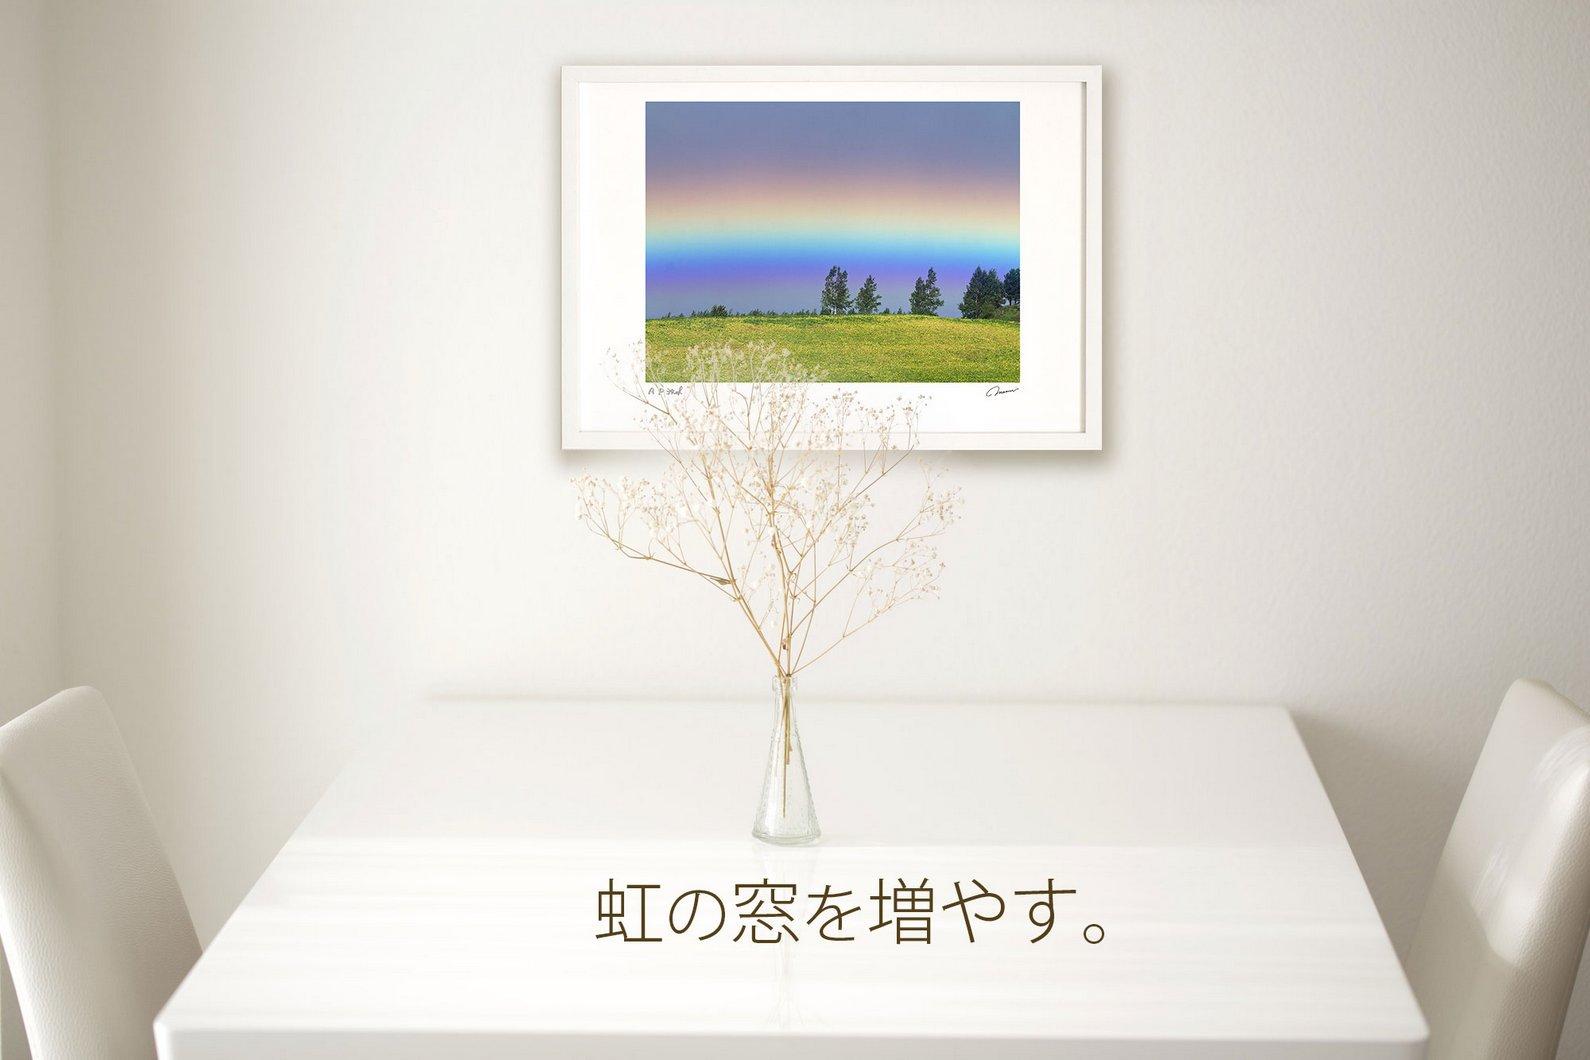 《アートフォト》紅葉と新雪3/上富良野町〔富良野・高橋真澄〕(レンタル対象)